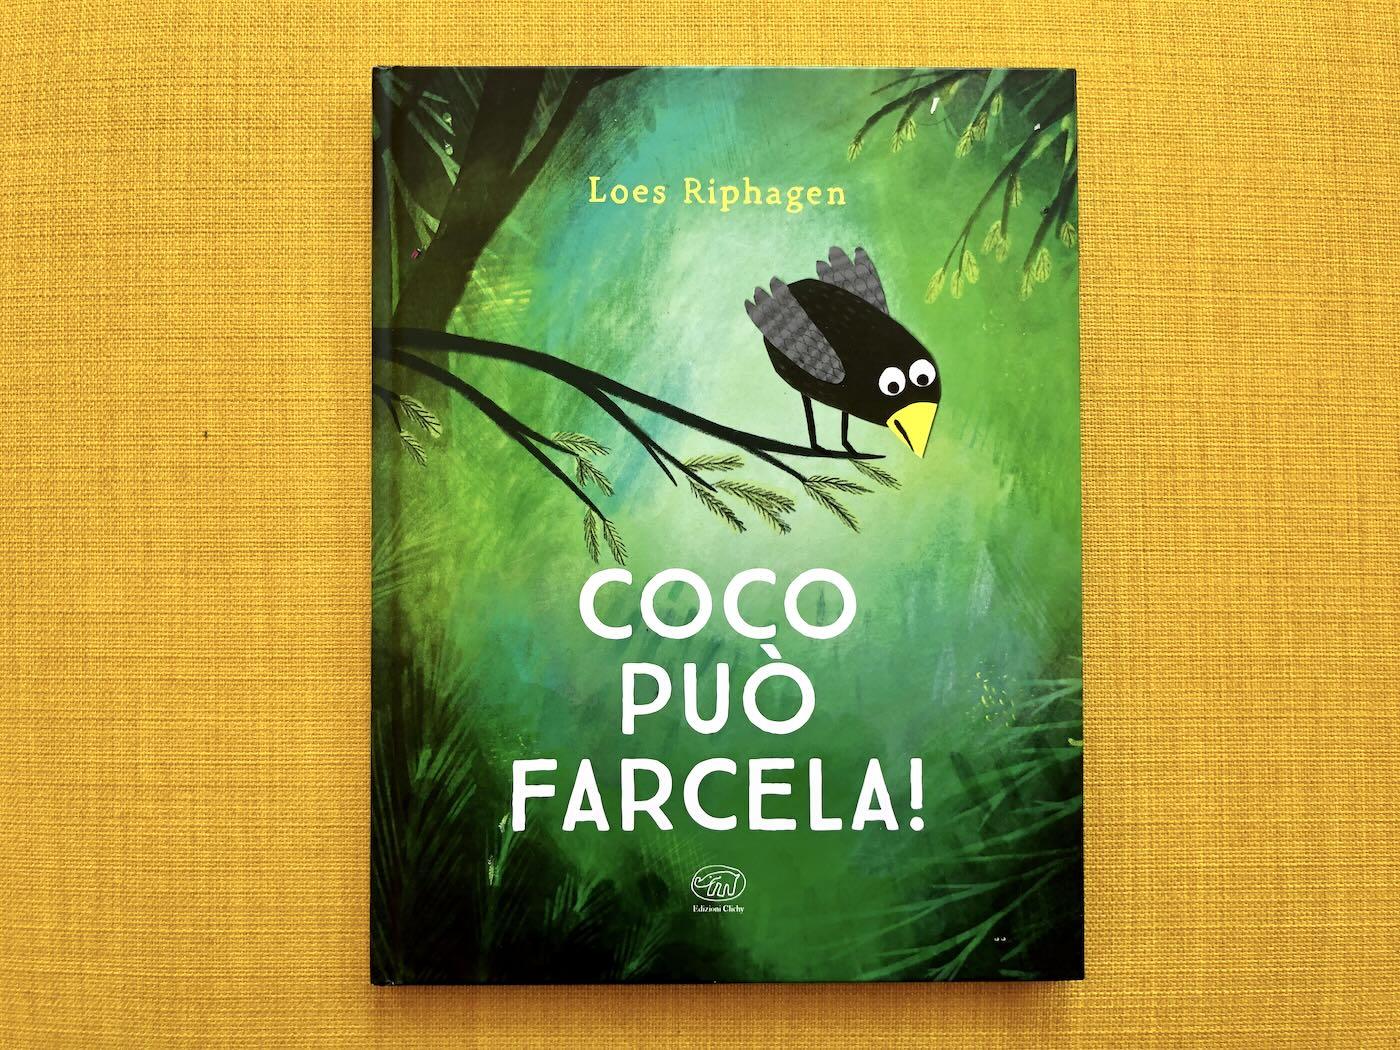 Copertina del libro Coco può farcela. Nell'illustrazione c'è un uccellina (Coco) che si sporge da un ramo guardando di sotto